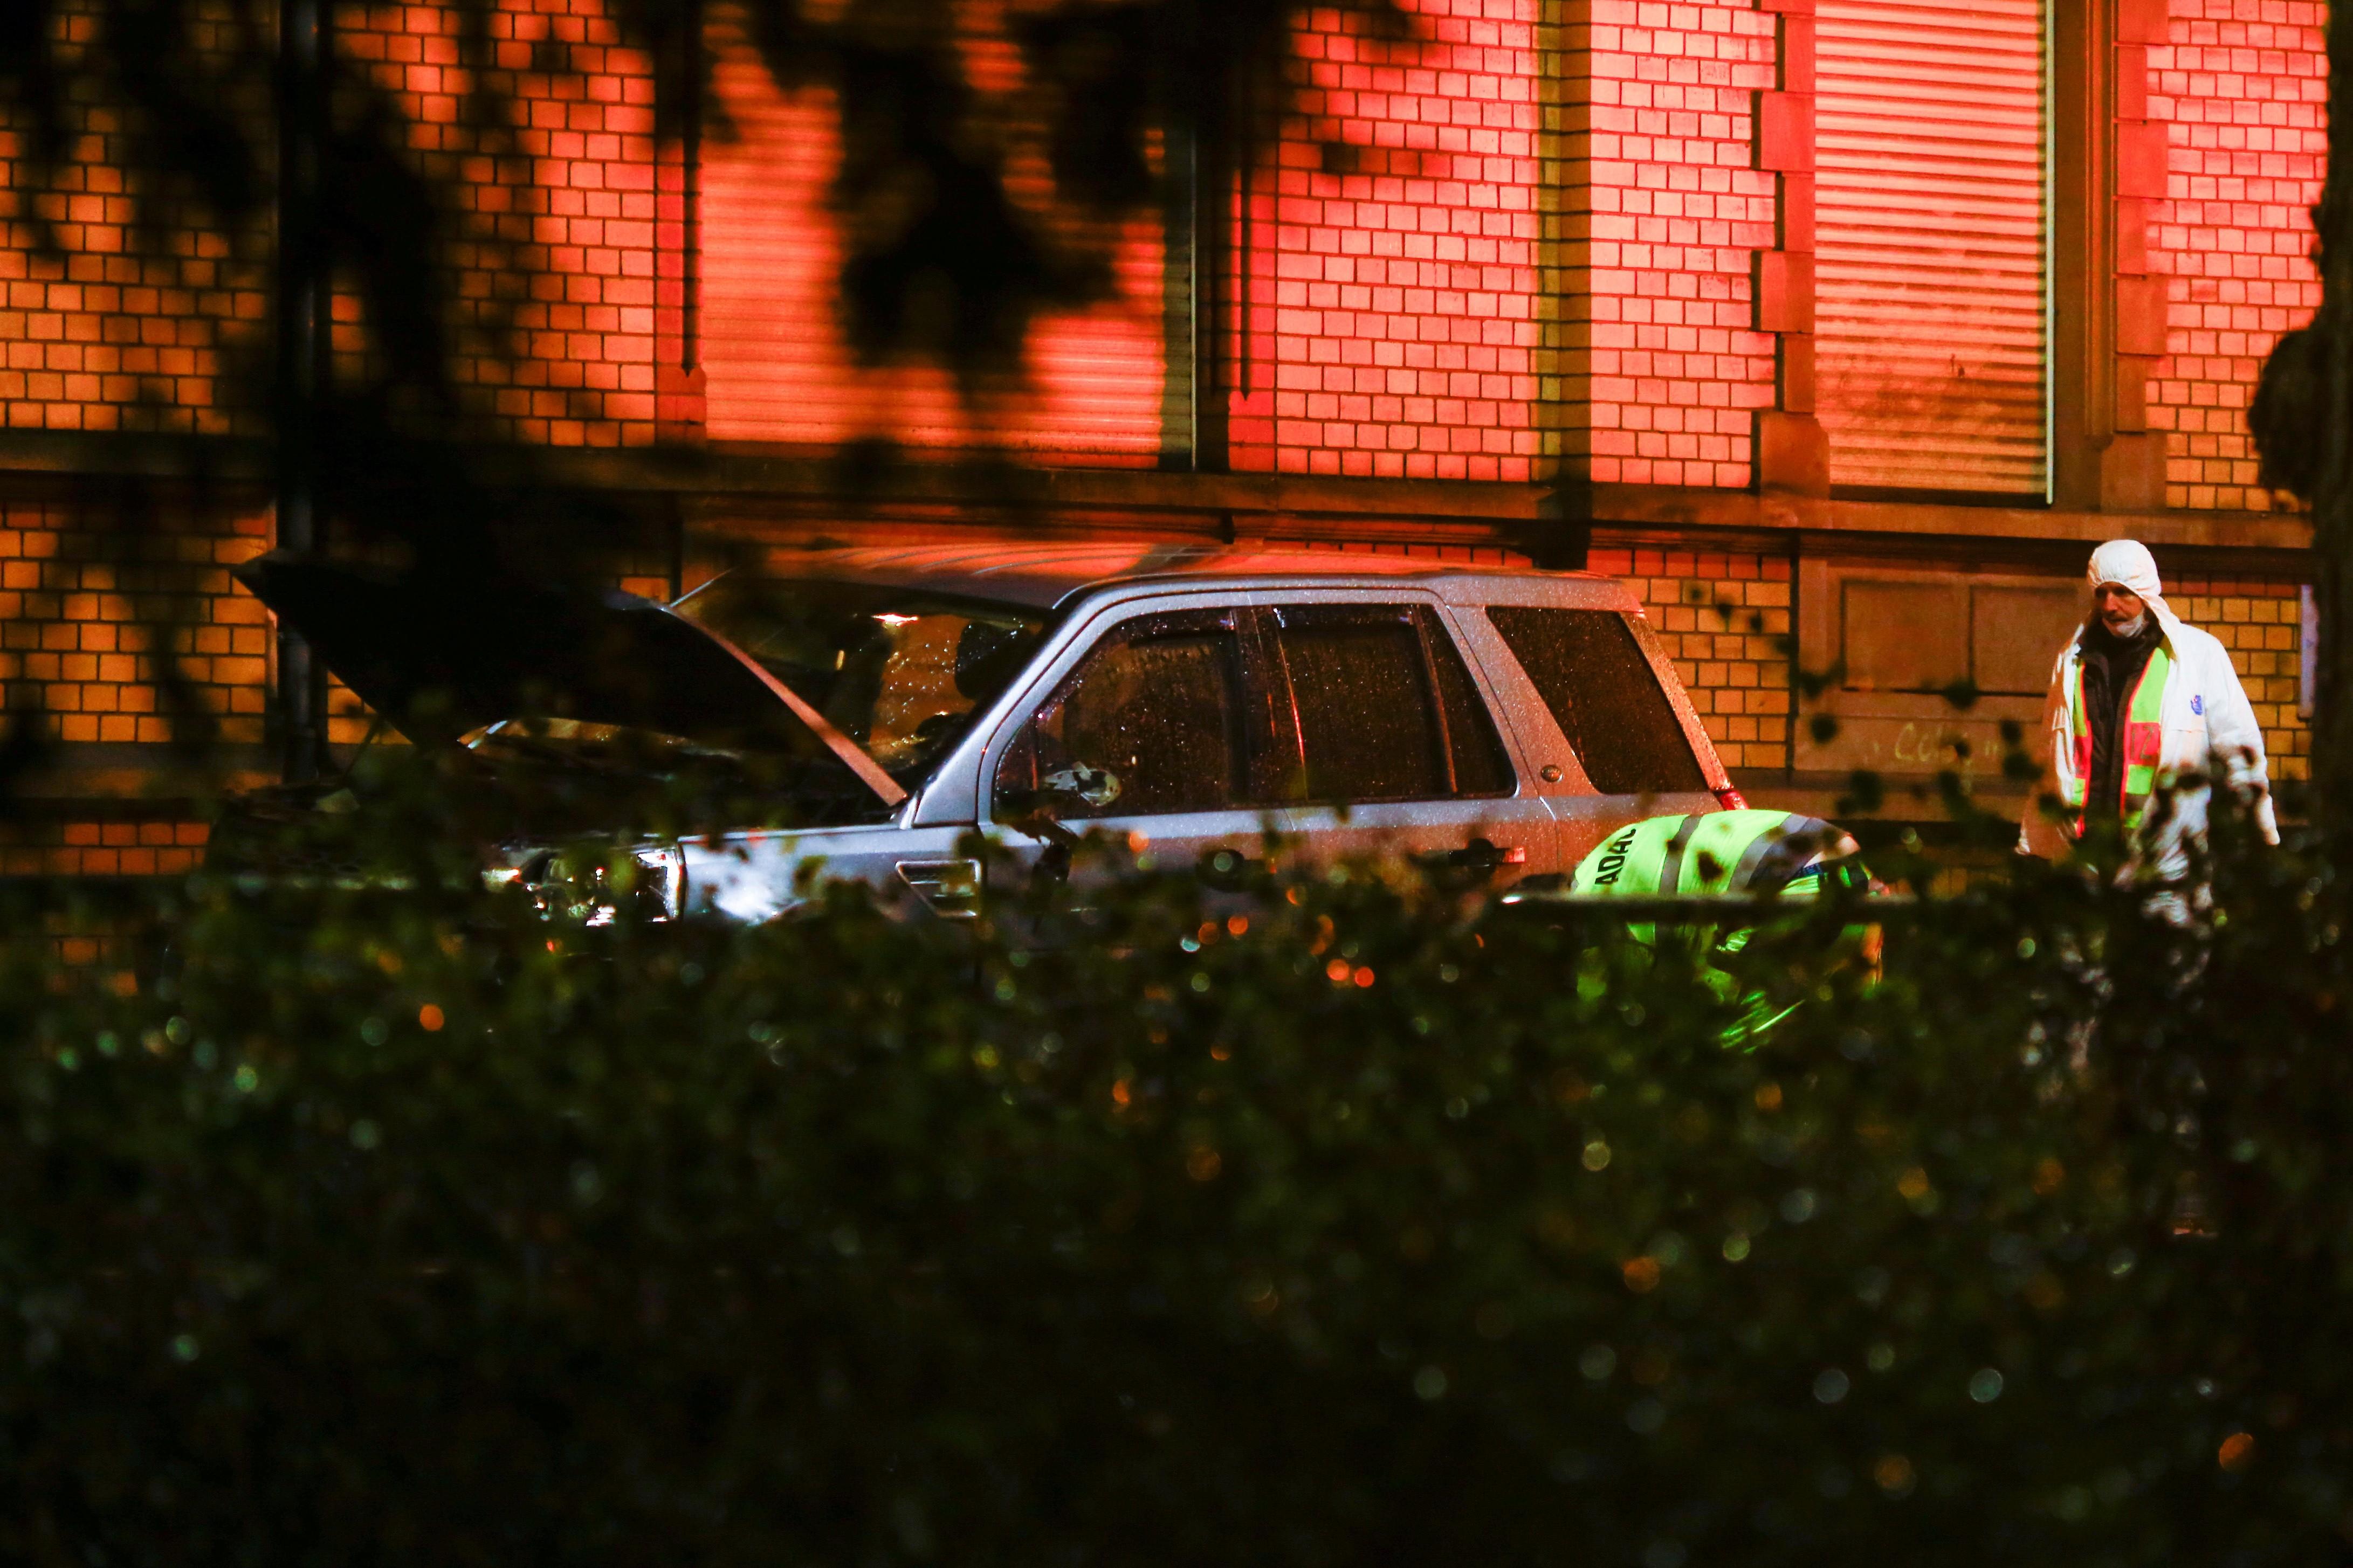 Homem suspeito por atropelamento que deixou 5 mortos na Alemanha tem prisão preventiva decretada